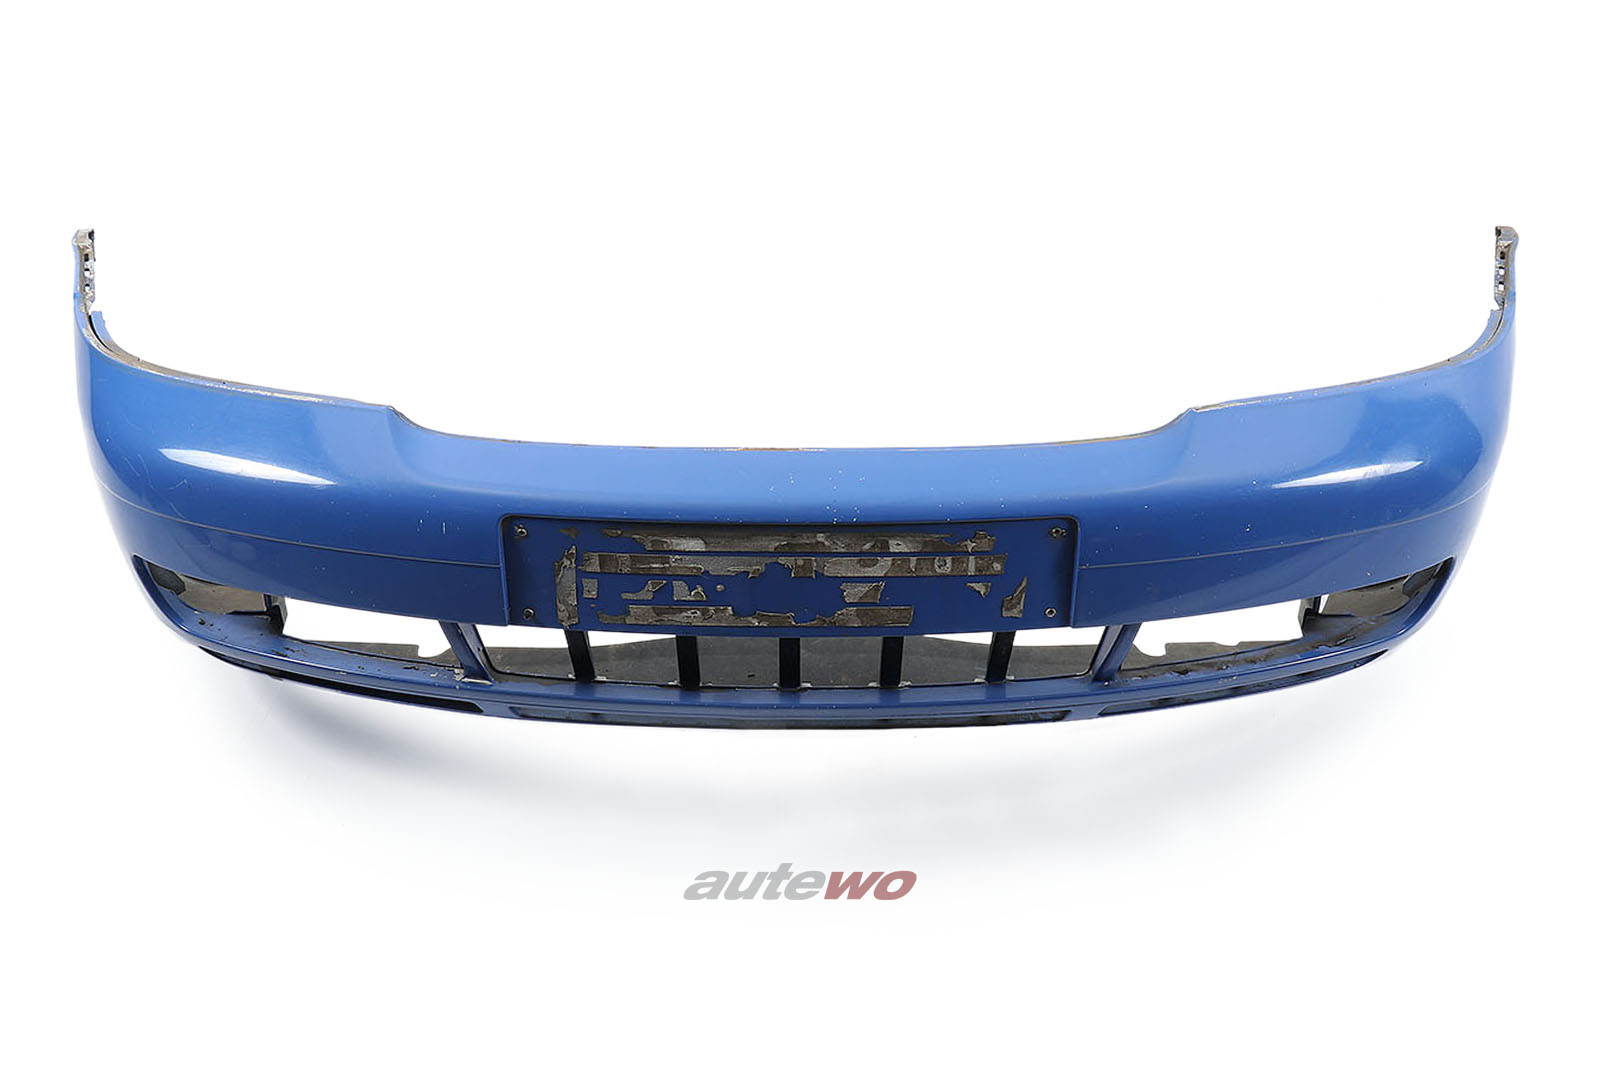 8D0807103AA/8D0807110AB Audi A4 B5 Limousine/Avant Frontstoßstange Blau